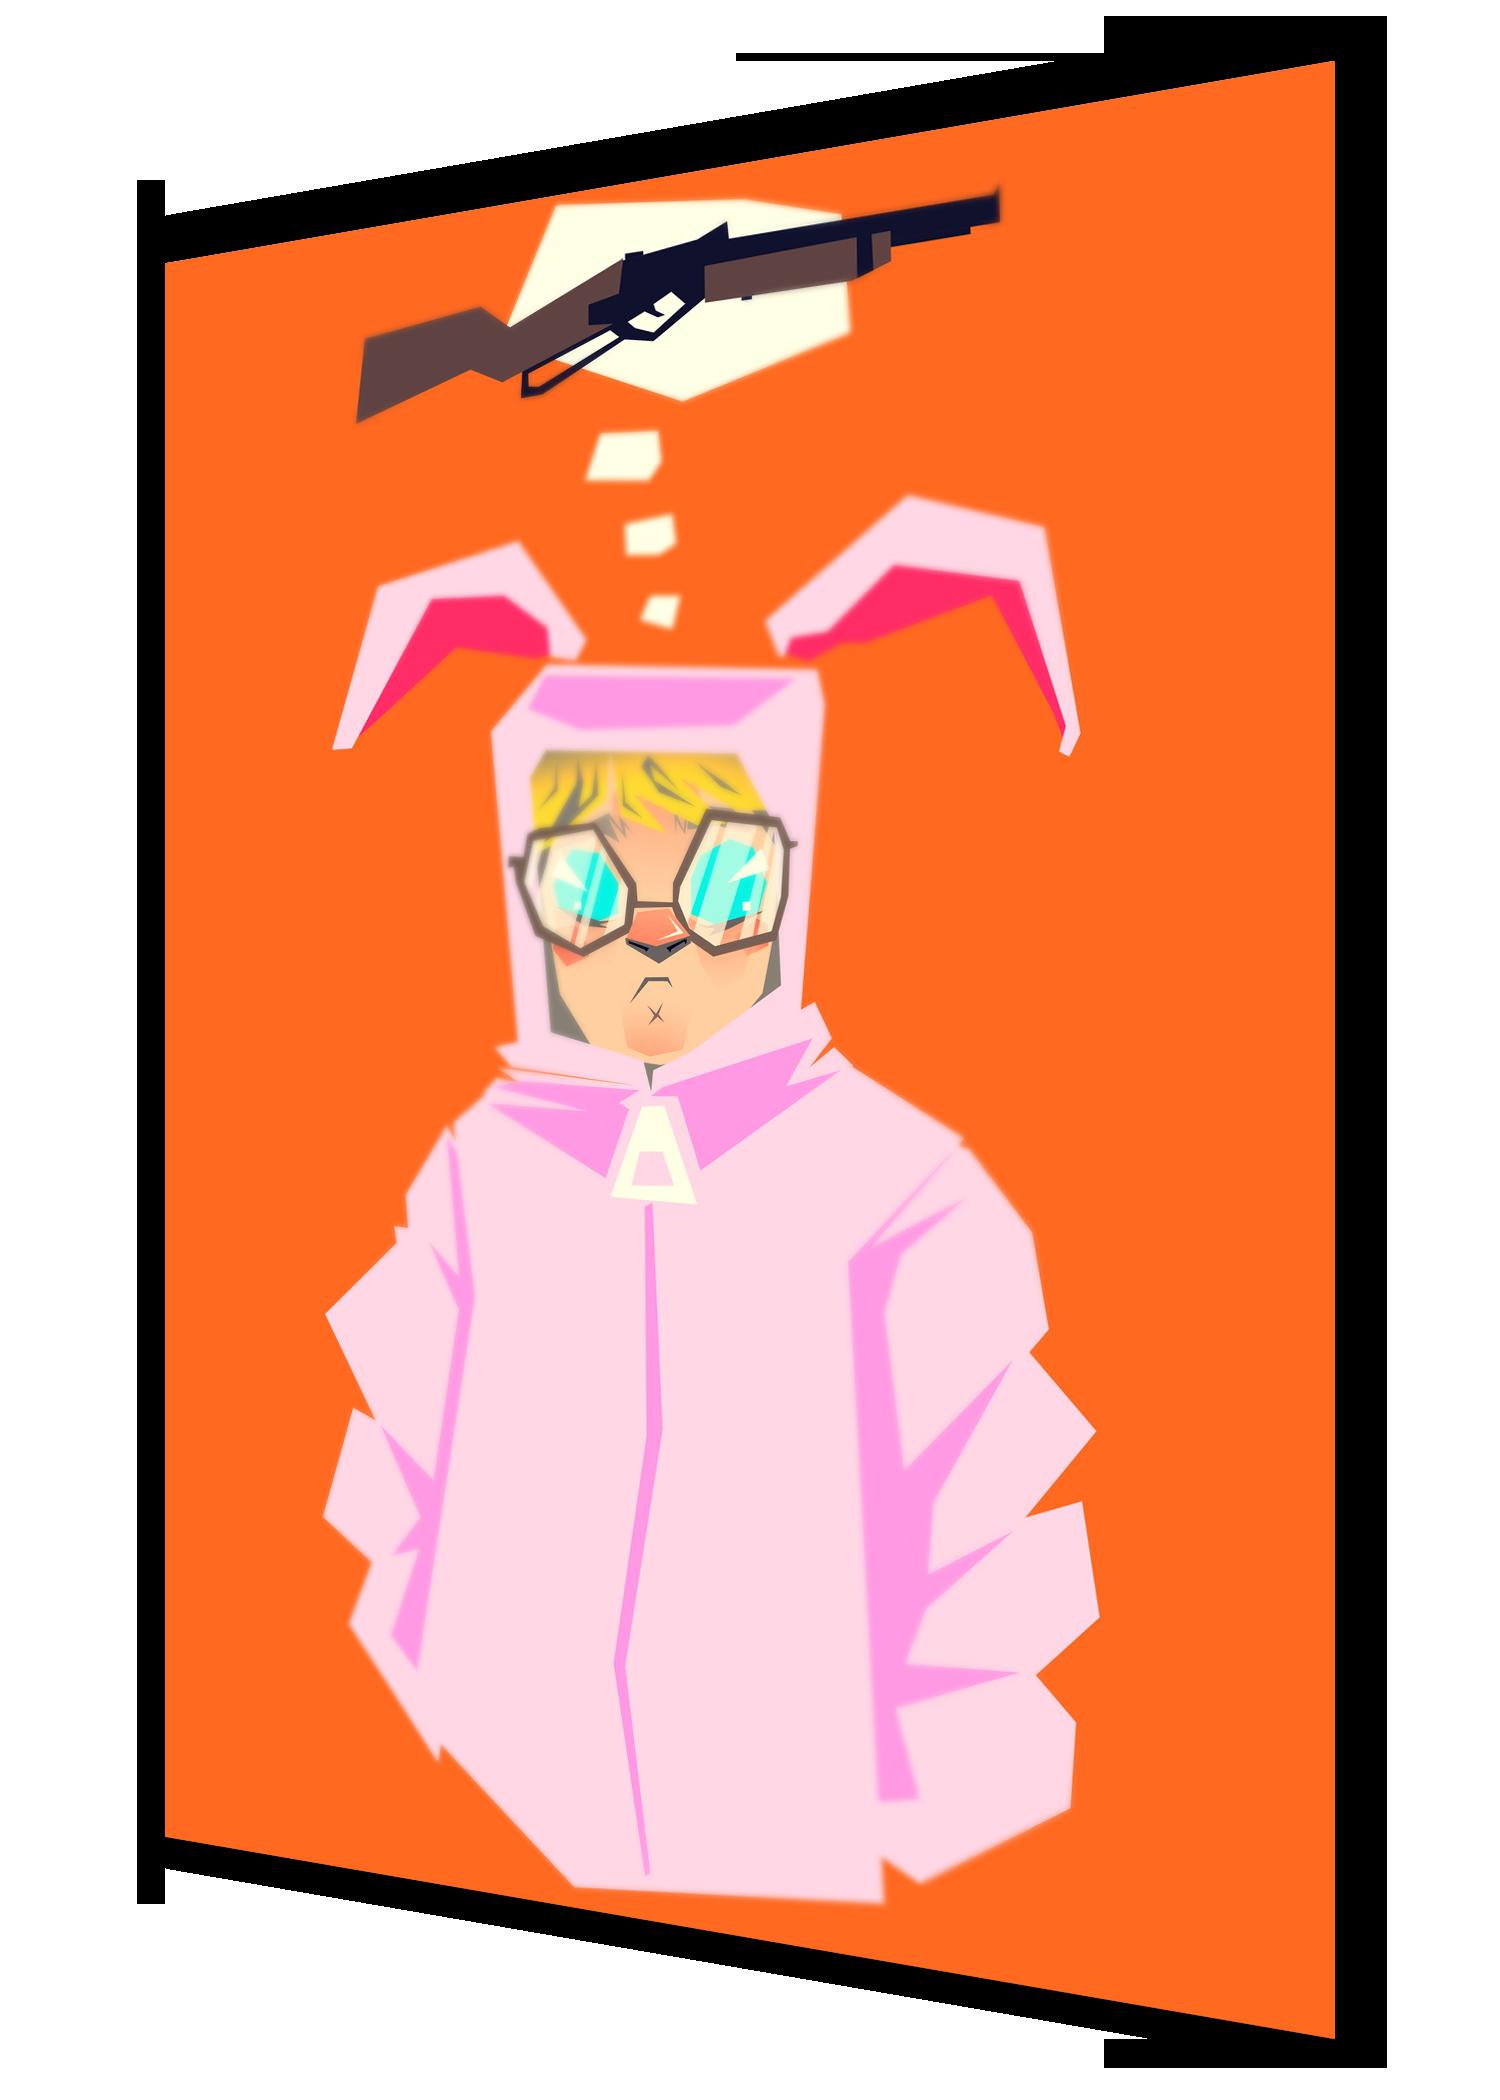 #004 - pink nightmare (super rare)